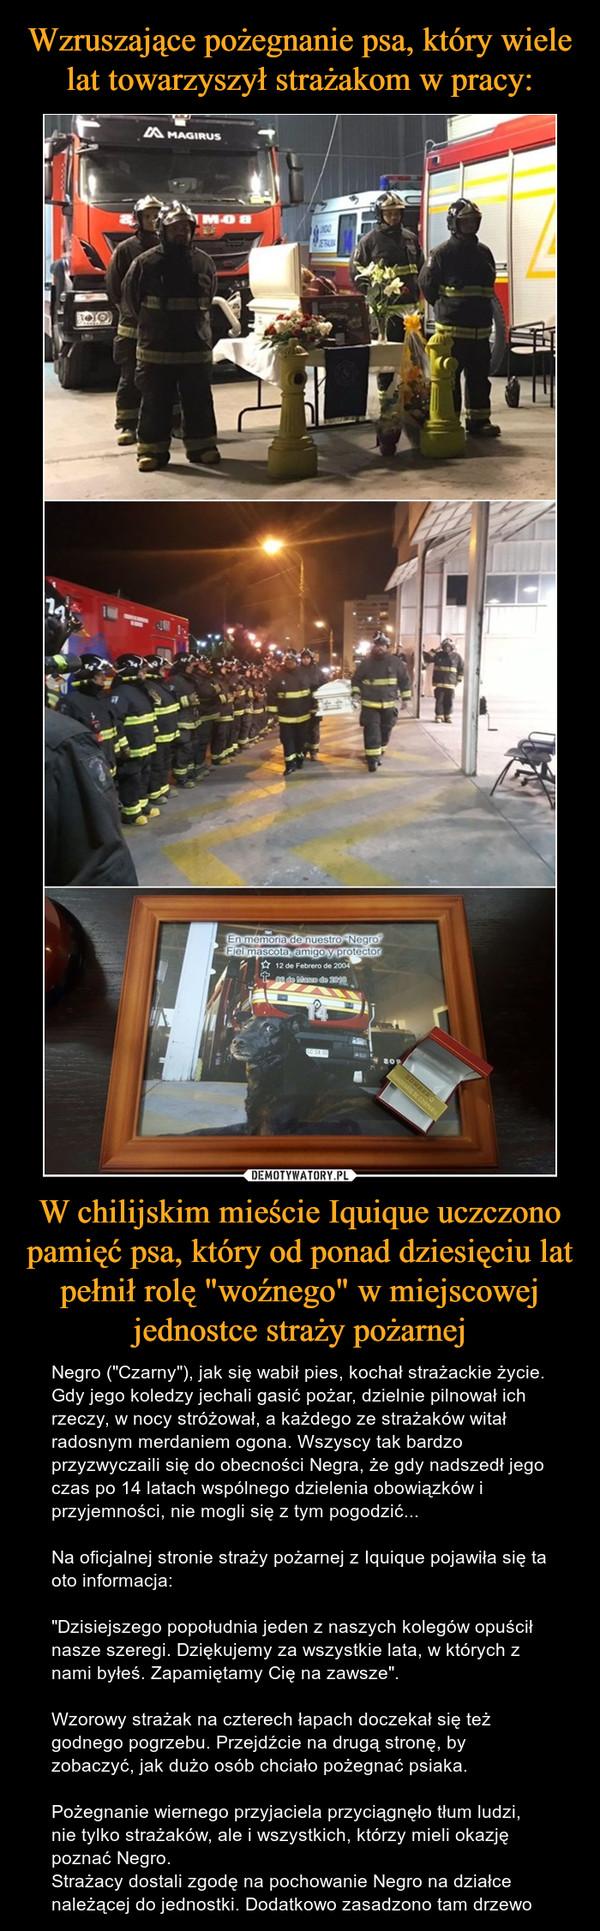 """W chilijskim mieście Iquique uczczono pamięć psa, który od ponad dziesięciu lat pełnił rolę """"woźnego"""" w miejscowej jednostce straży pożarnej – Negro (""""Czarny""""), jak się wabił pies, kochał strażackie życie. Gdy jego koledzy jechali gasić pożar, dzielnie pilnował ich rzeczy, w nocy stróżował, a każdego ze strażaków witał radosnym merdaniem ogona. Wszyscy tak bardzo przyzwyczaili się do obecności Negra, że gdy nadszedł jego czas po 14 latach wspólnego dzielenia obowiązków i przyjemności, nie mogli się z tym pogodzić...Na oficjalnej stronie straży pożarnej z Iquique pojawiła się ta oto informacja: """"Dzisiejszego popołudnia jeden z naszych kolegów opuścił nasze szeregi. Dziękujemy za wszystkie lata, w których z nami byłeś. Zapamiętamy Cię na zawsze"""". Wzorowy strażak na czterech łapach doczekał się też godnego pogrzebu. Przejdźcie na drugą stronę, by zobaczyć, jak dużo osób chciało pożegnać psiaka.Pożegnanie wiernego przyjaciela przyciągnęło tłum ludzi, nie tylko strażaków, ale i wszystkich, którzy mieli okazję poznać Negro.Strażacy dostali zgodę na pochowanie Negro na działce należącej do jednostki. Dodatkowo zasadzono tam drzewo"""